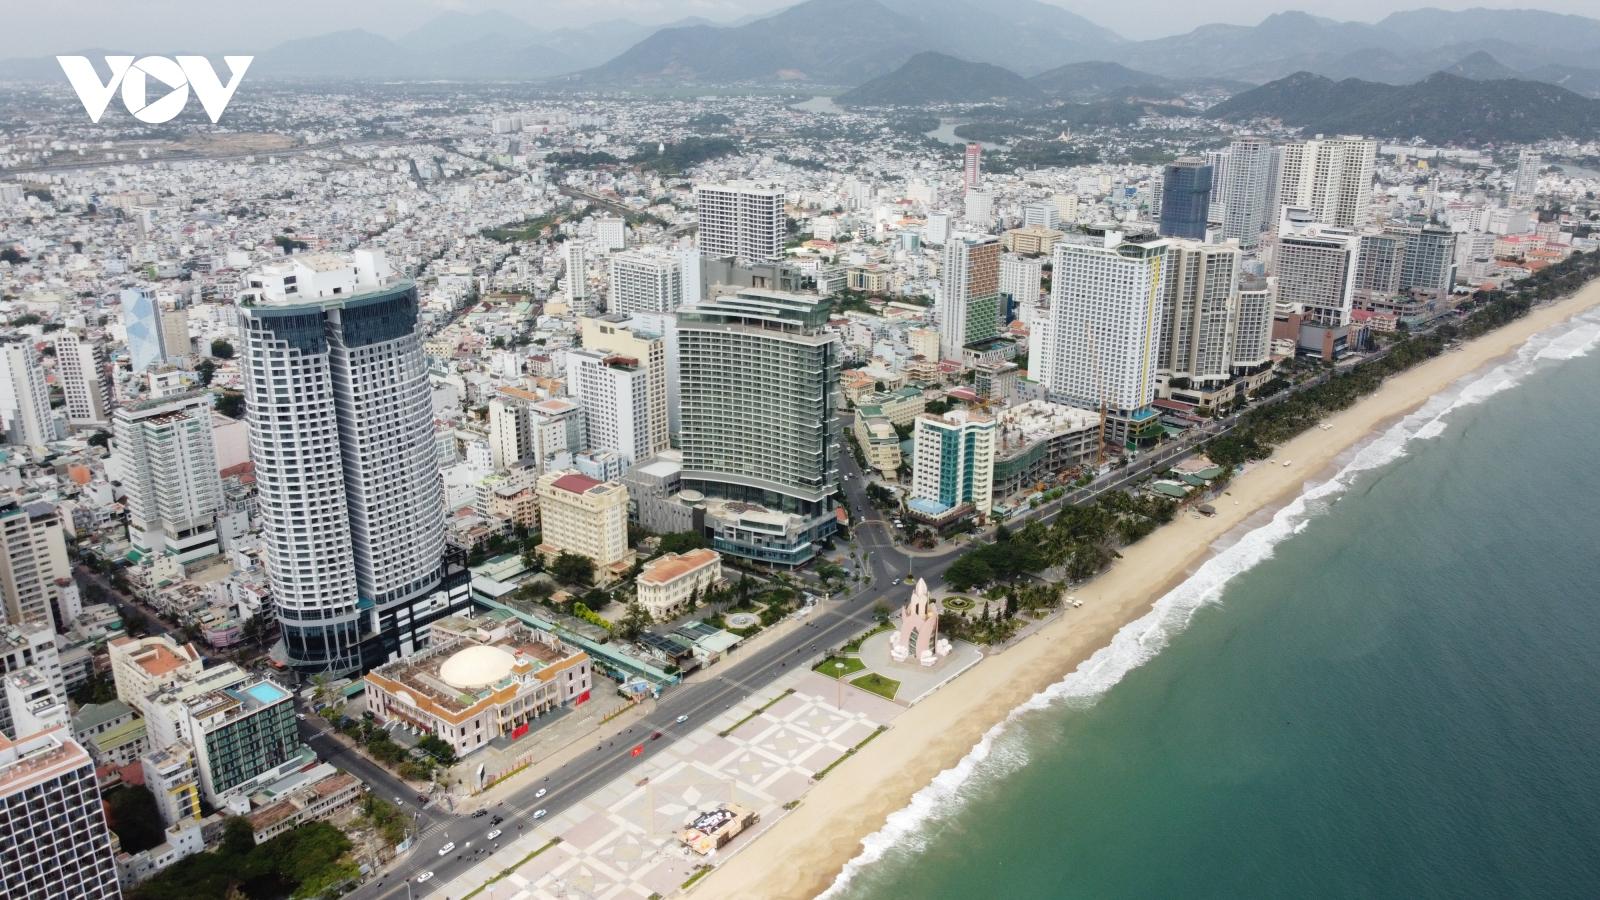 Khánh Hòa gặp nhiều vướng mắc khi tiếp cận gói hỗ trợ 26.000 tỷ đồng